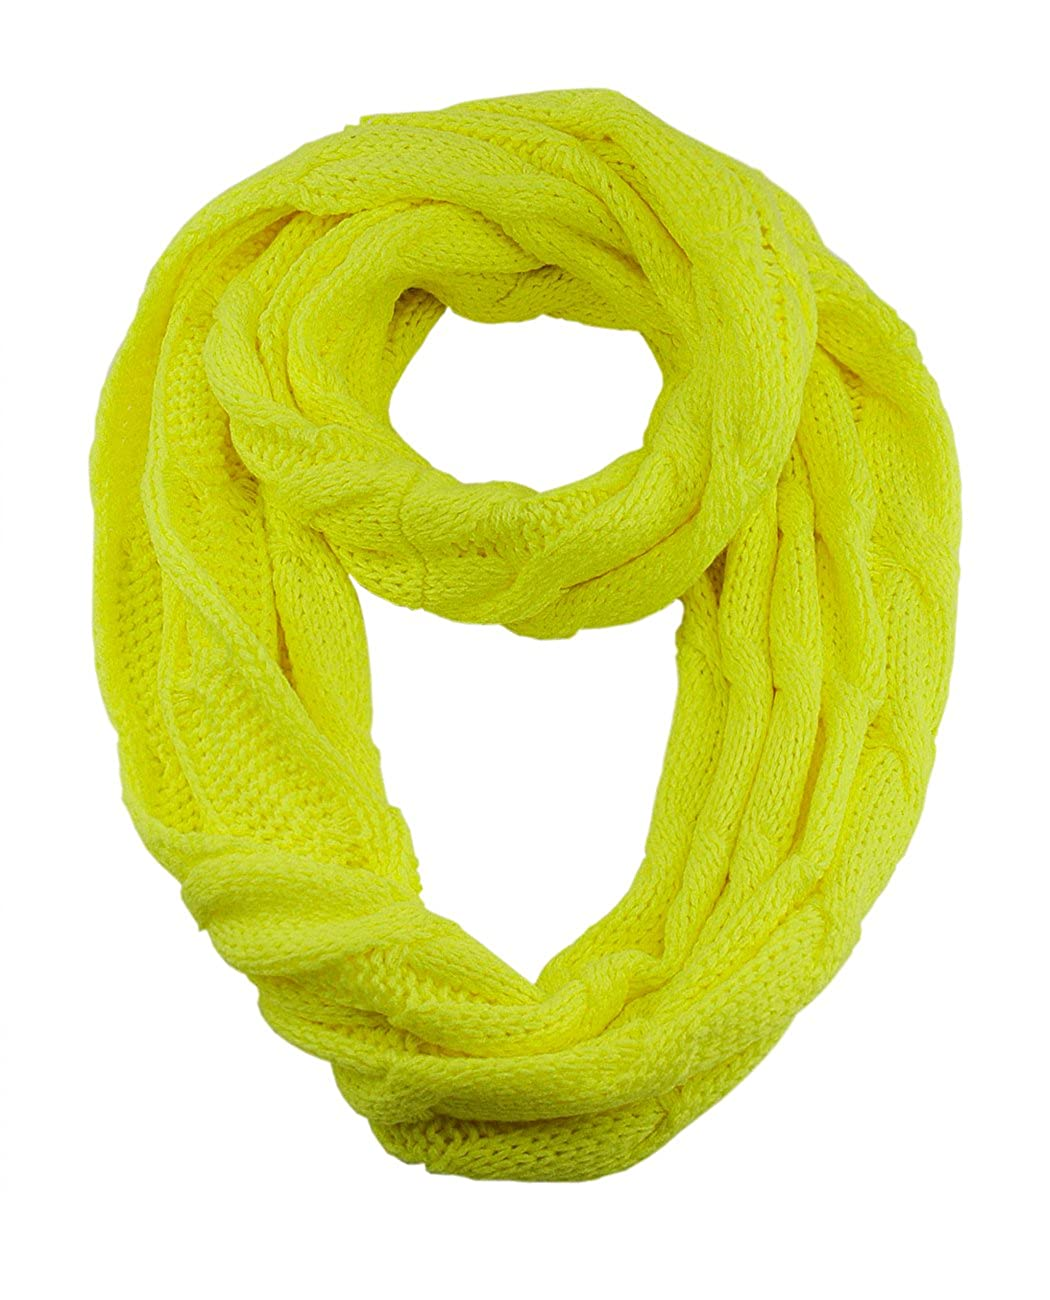 NYFASHION101 Soft Winter Warm Chunky Knit Cowl Infinity Loop Scarf Denim SF800-Denim